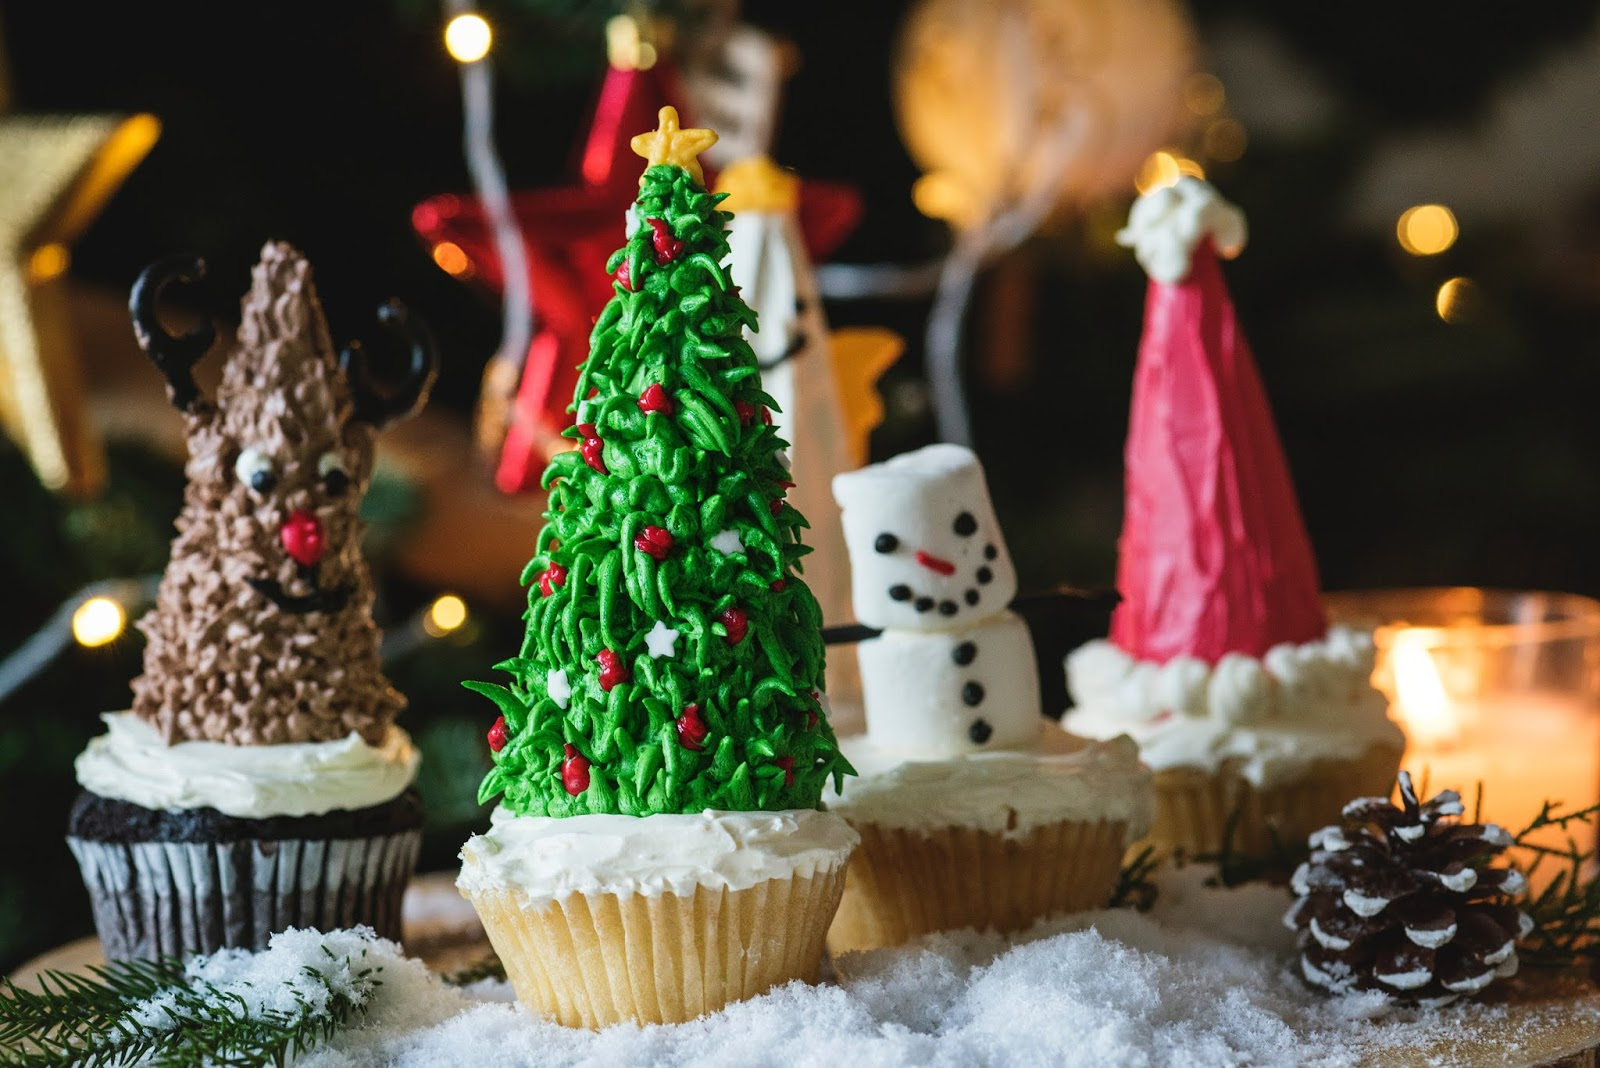 Christmas Day 2018 Christmas Celebration Christmas History How